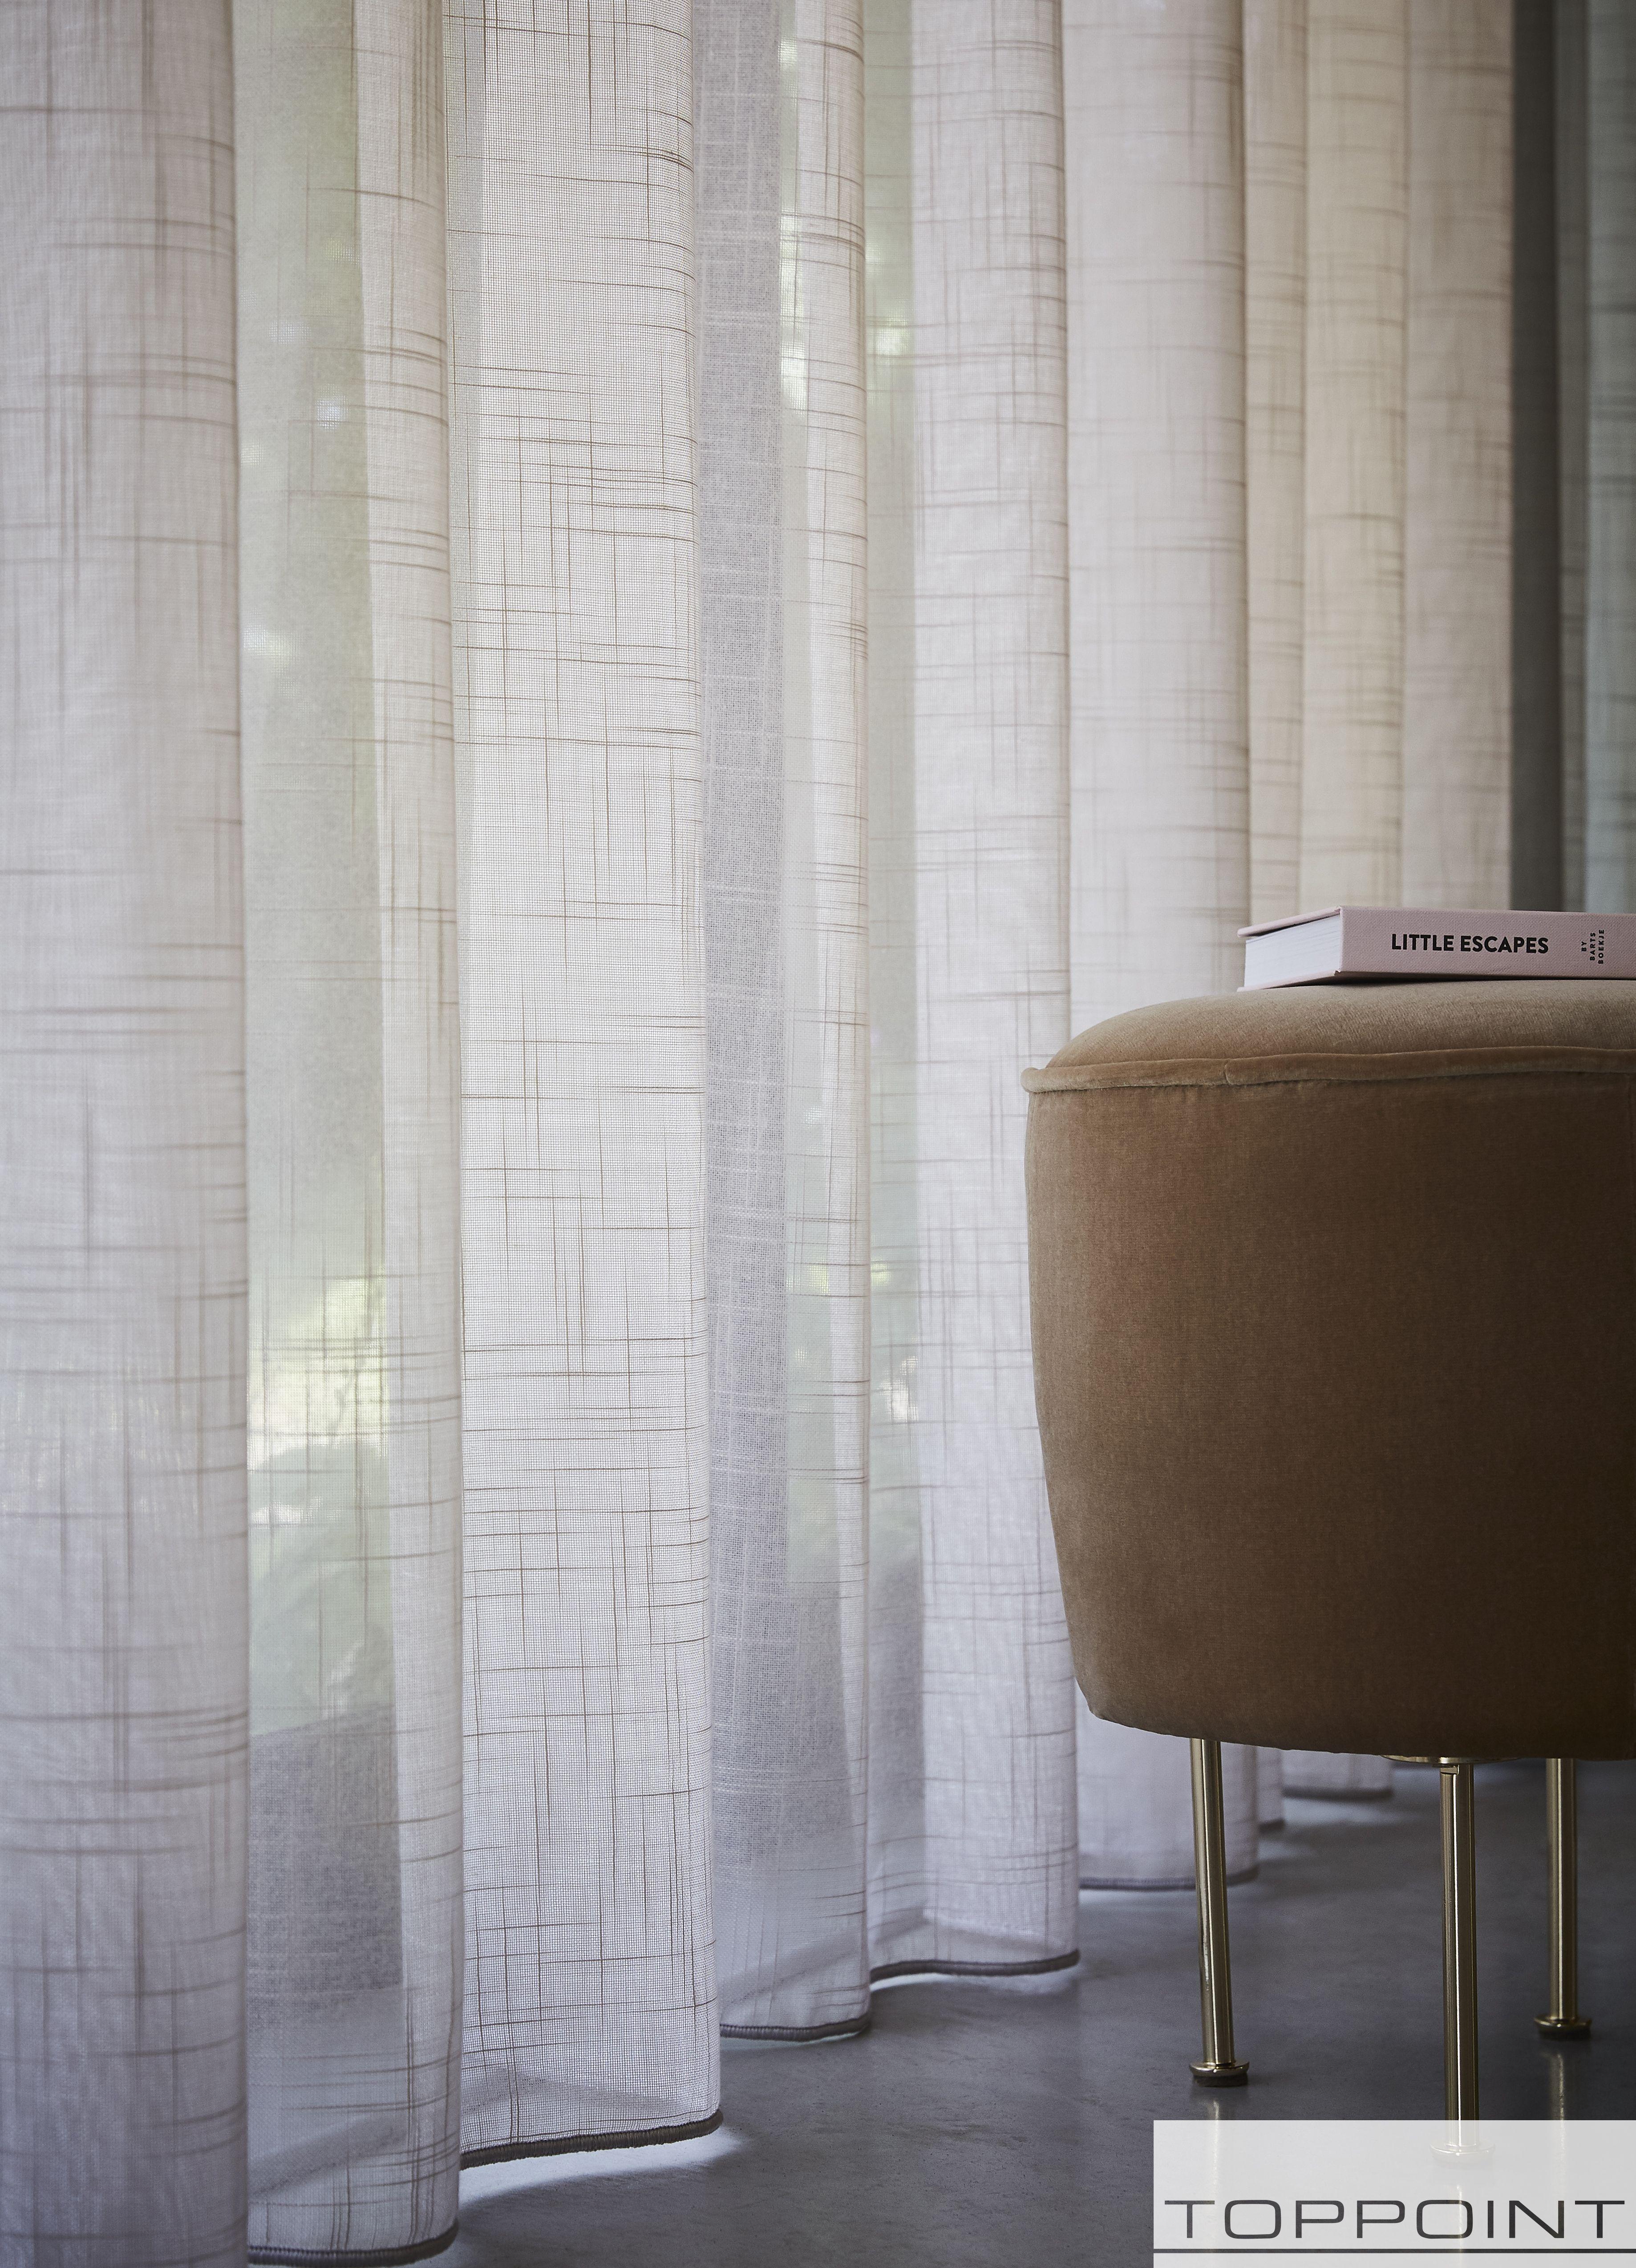 Interieurpunt Renders | Stijlvolle binnendecoratie: alle gordijnen ...